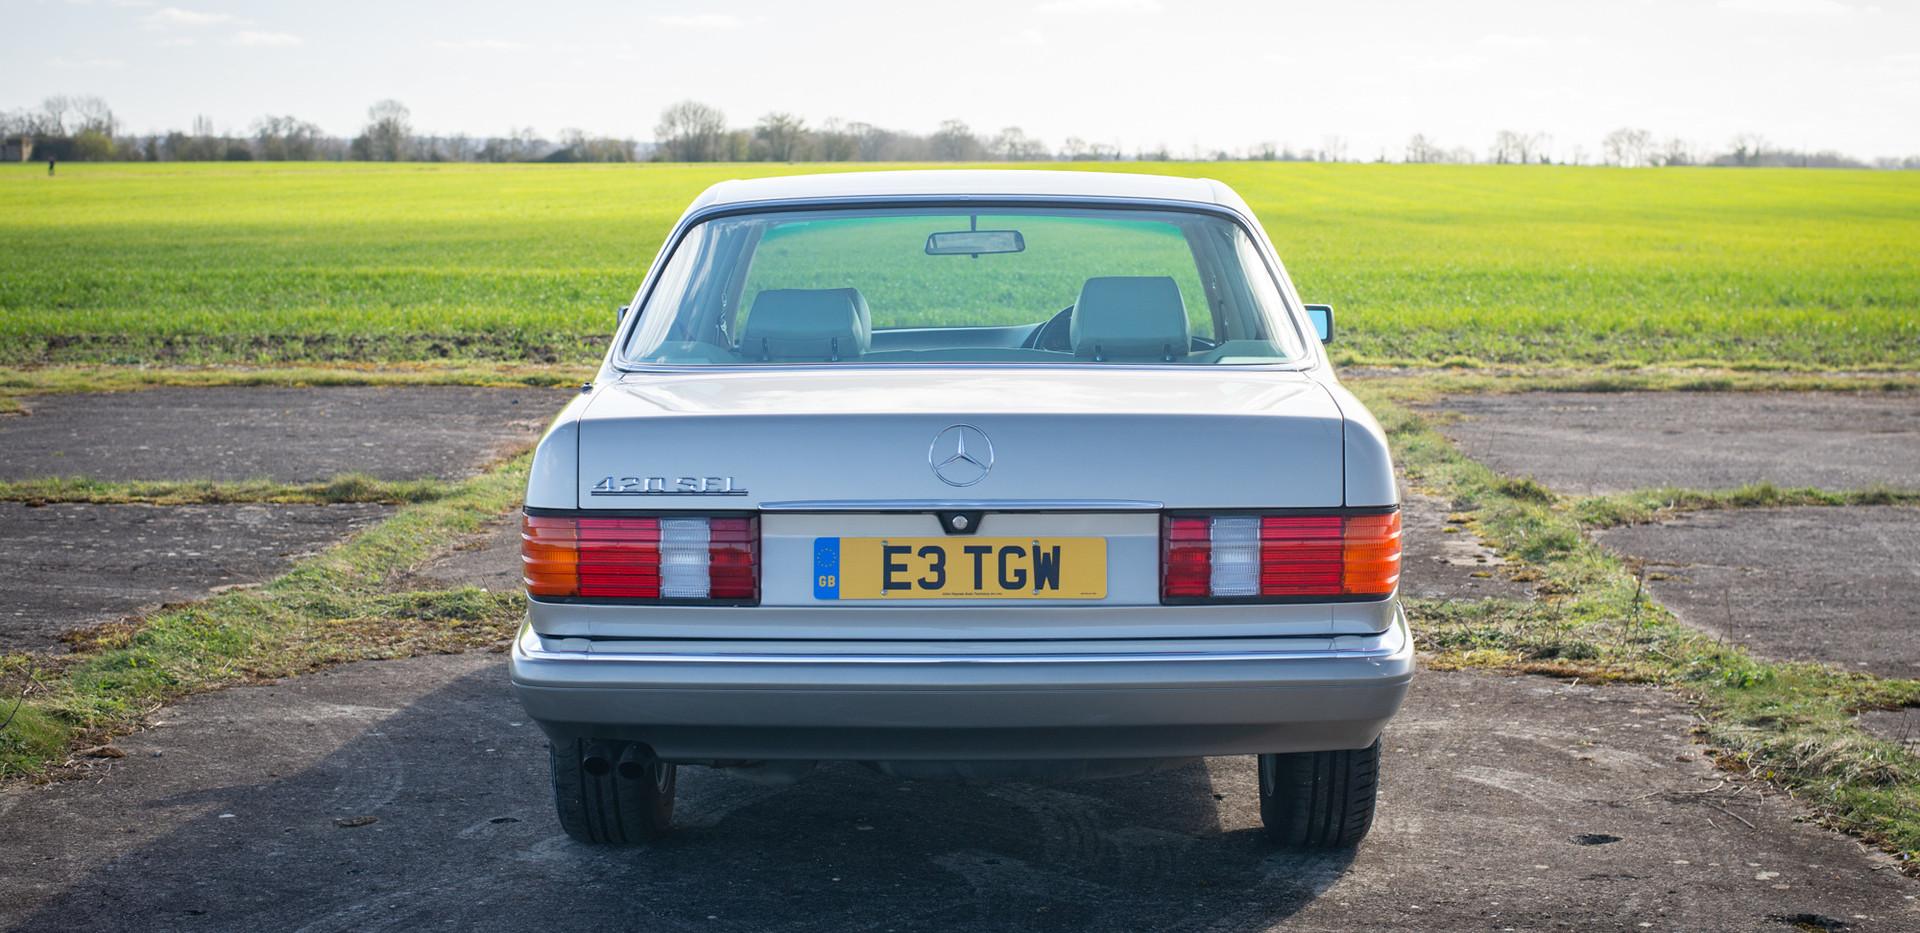 W126 420SEL E3TGW For Sale London-11.jpg